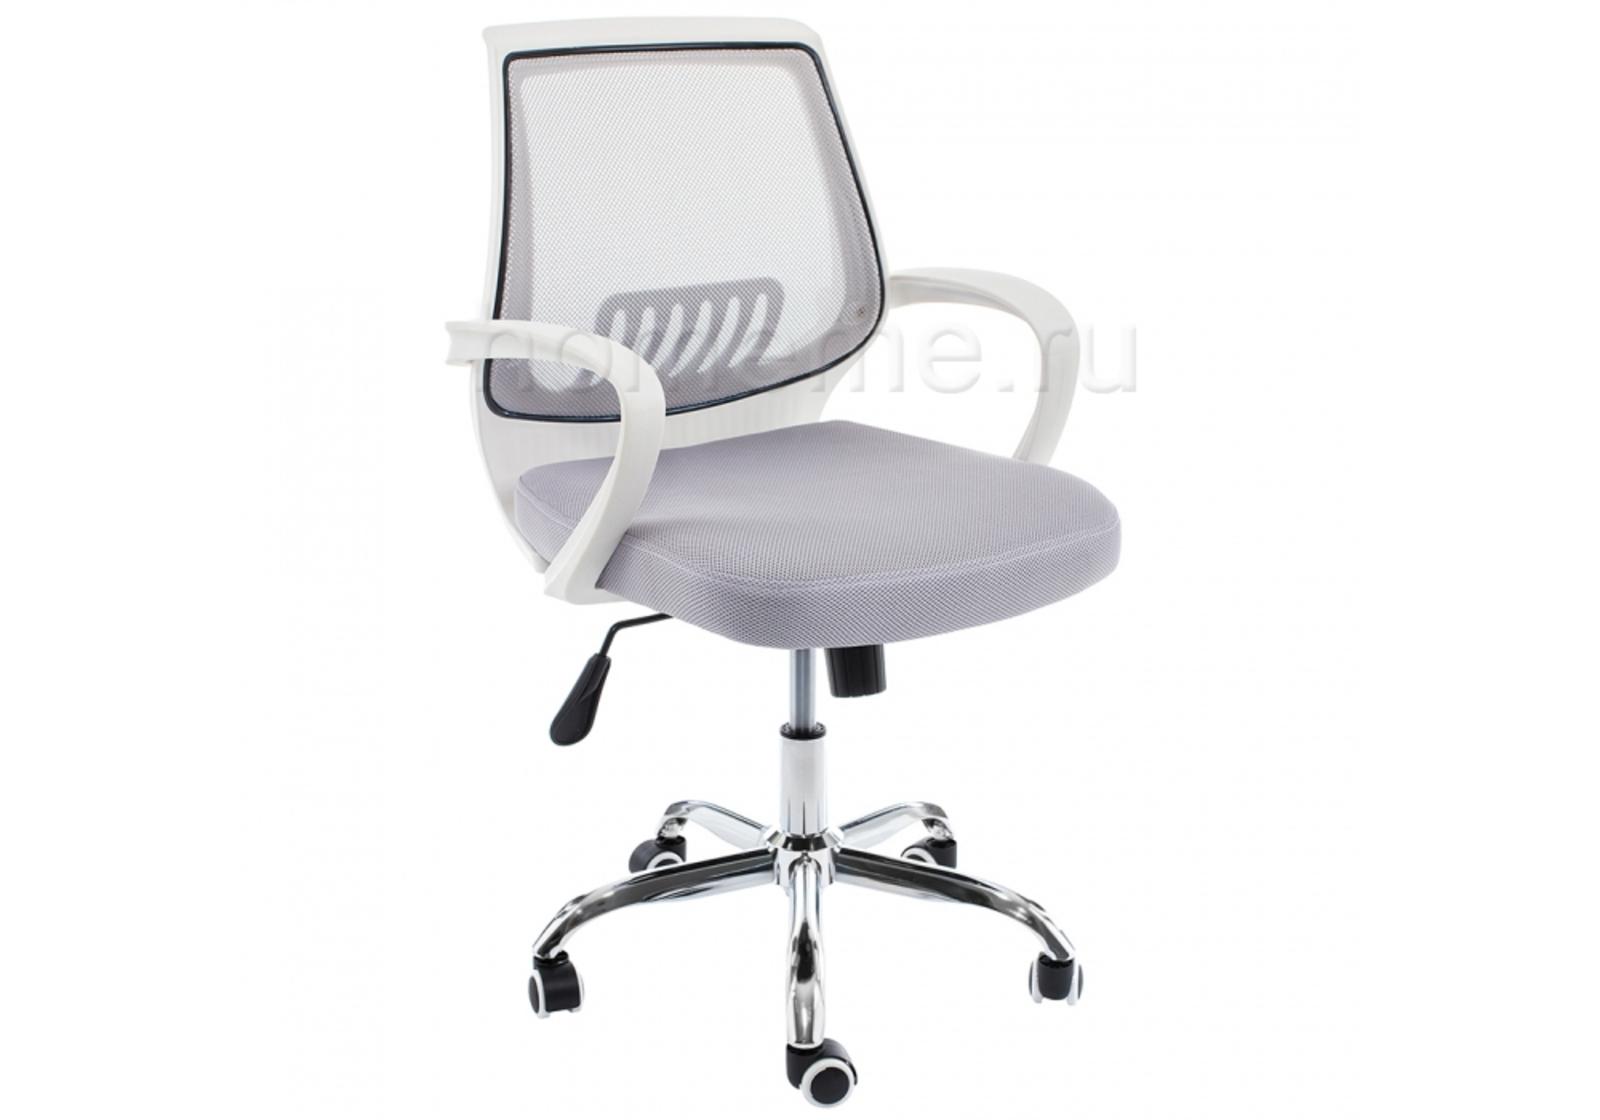 Кресло для офиса HomeMe Ergoplus белое / серое 1970 от Homeme.ru